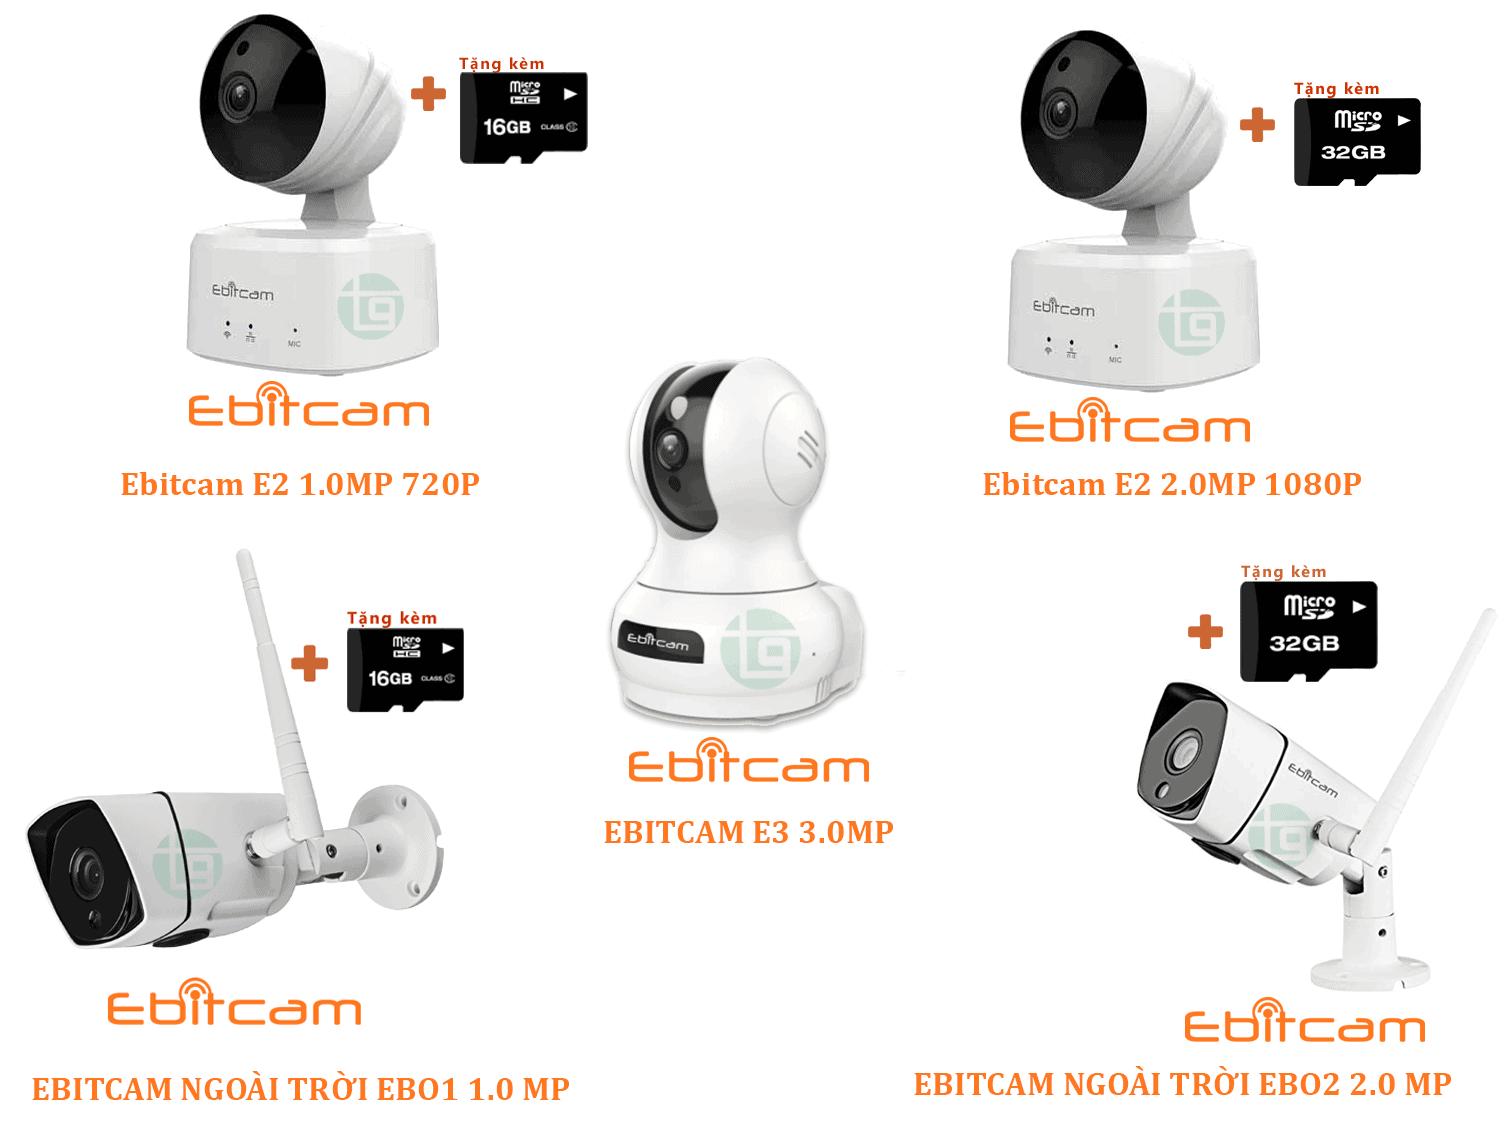 Camera Ebitcam Đà Nẵng giá rẻ chính hãng - KM MUA 1 TẶNG 1